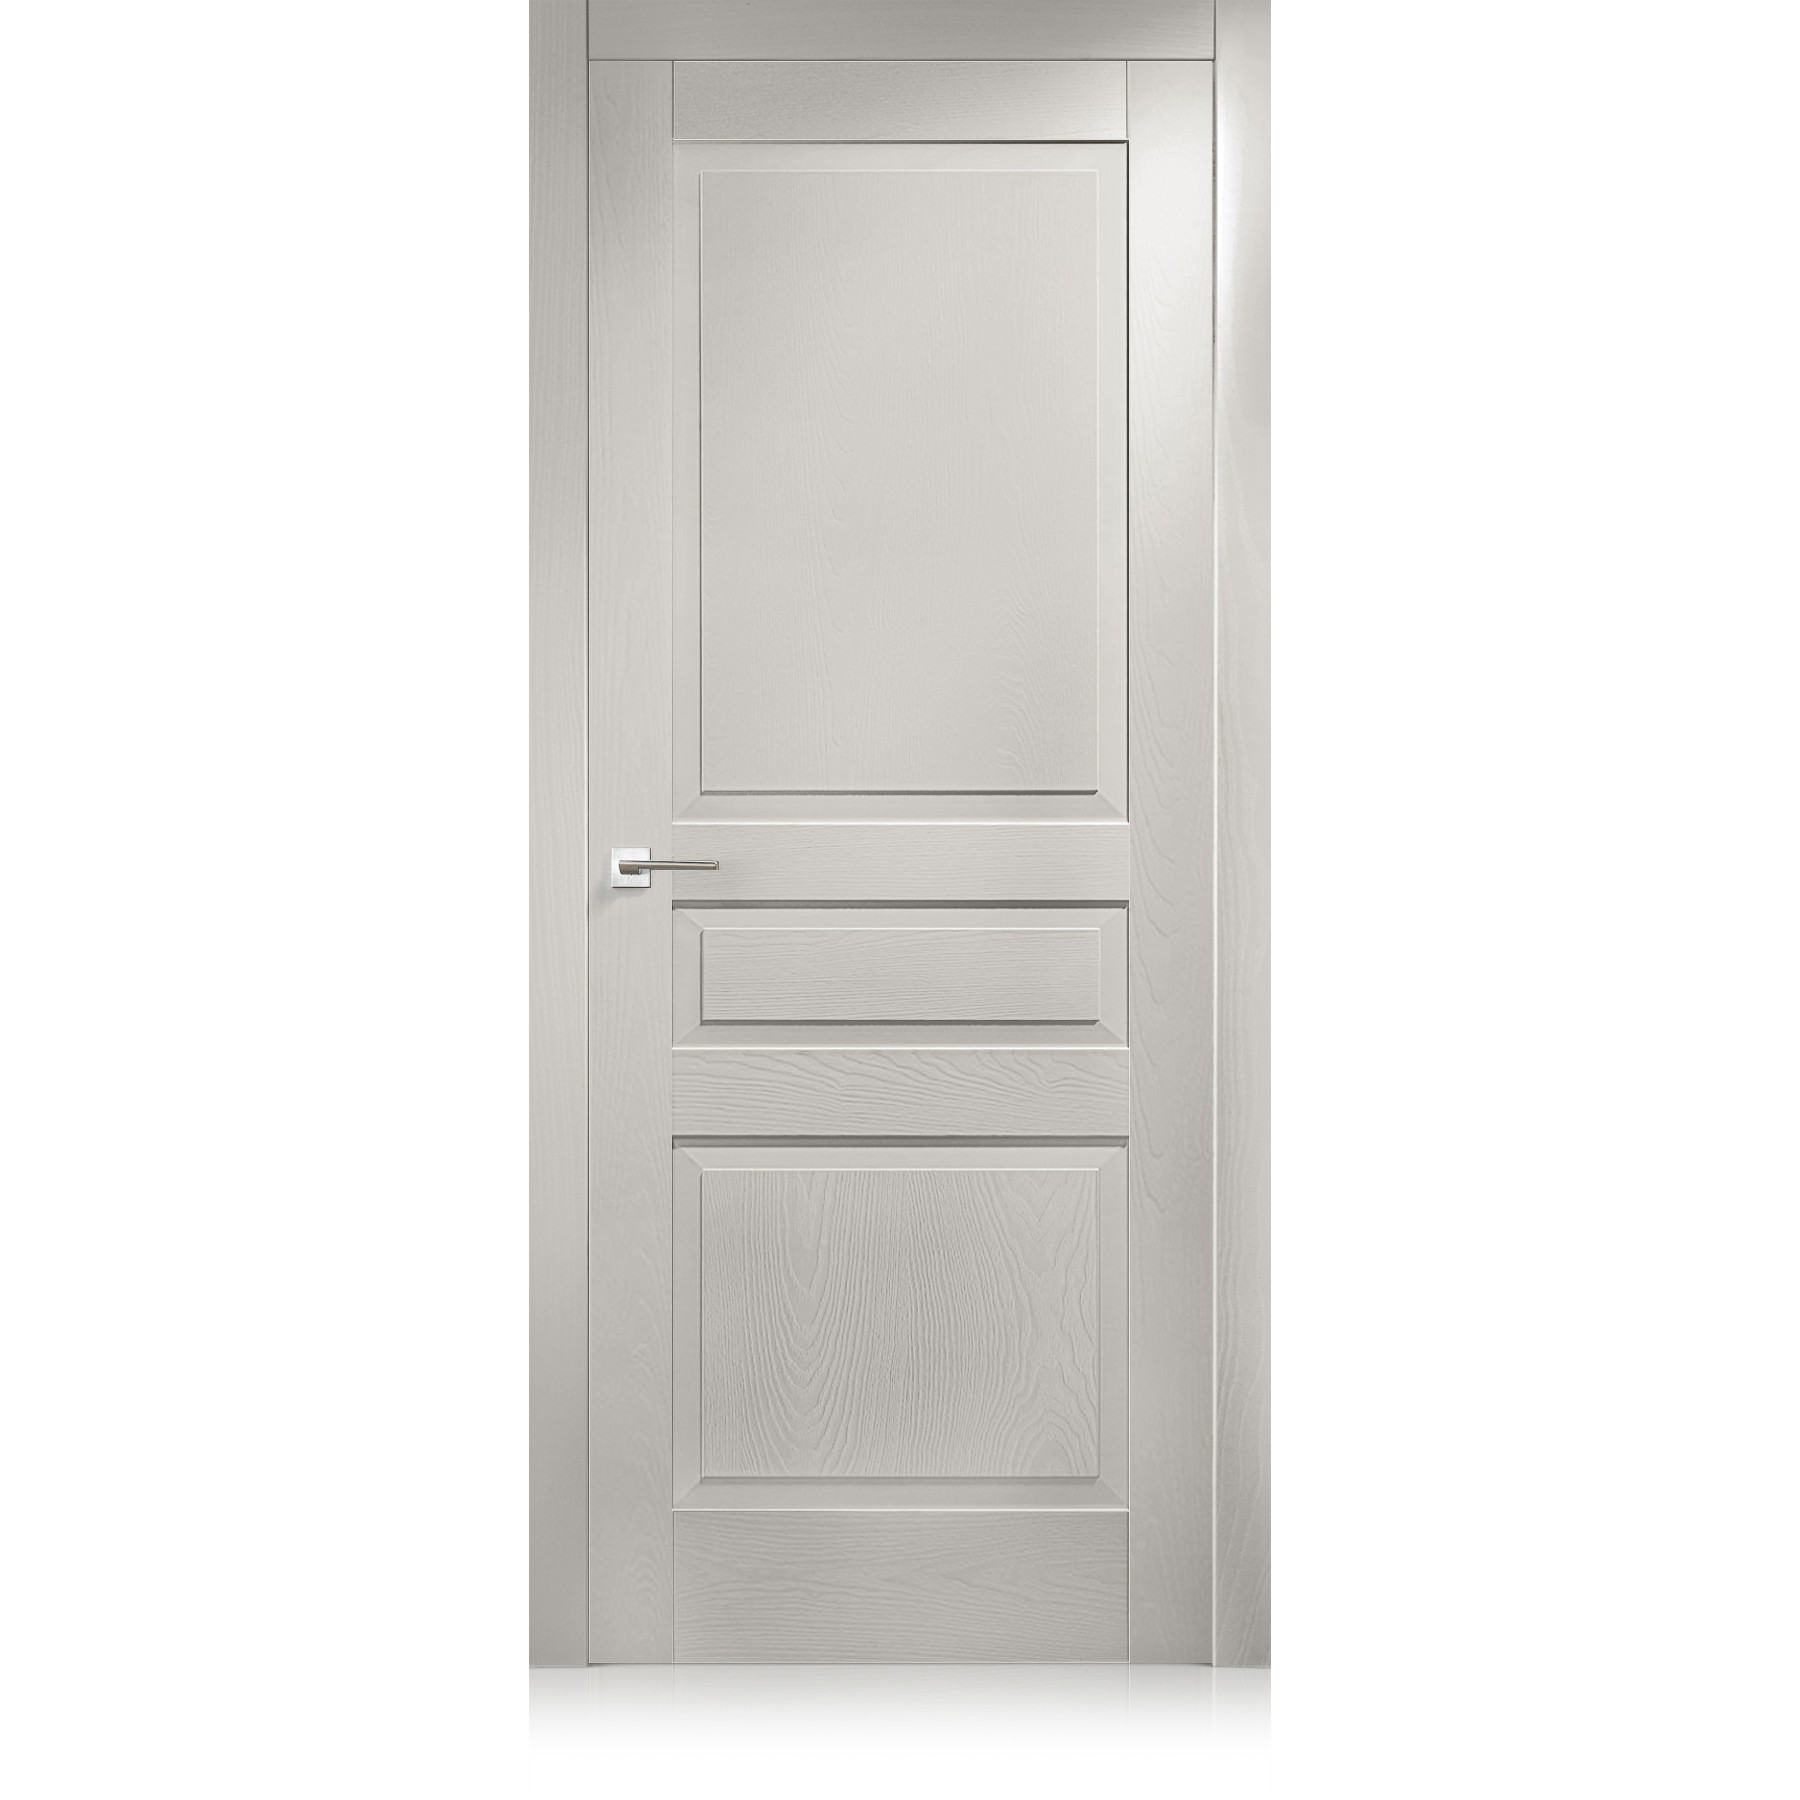 Suite / 27 trame grigio lux door